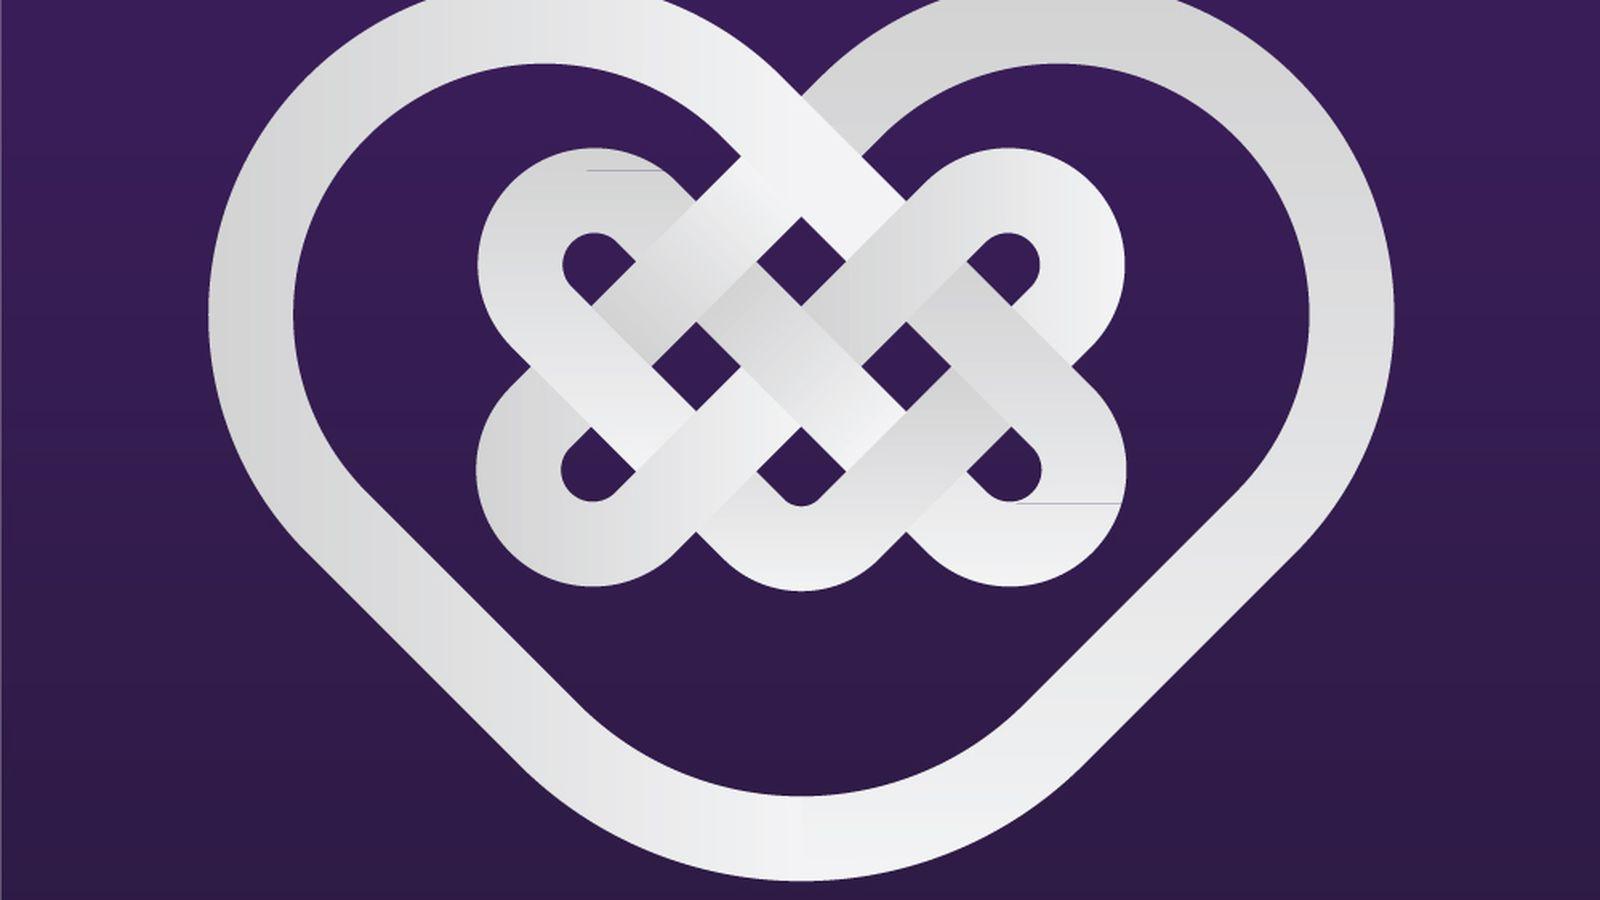 Mtw-alternate-logo.0.0